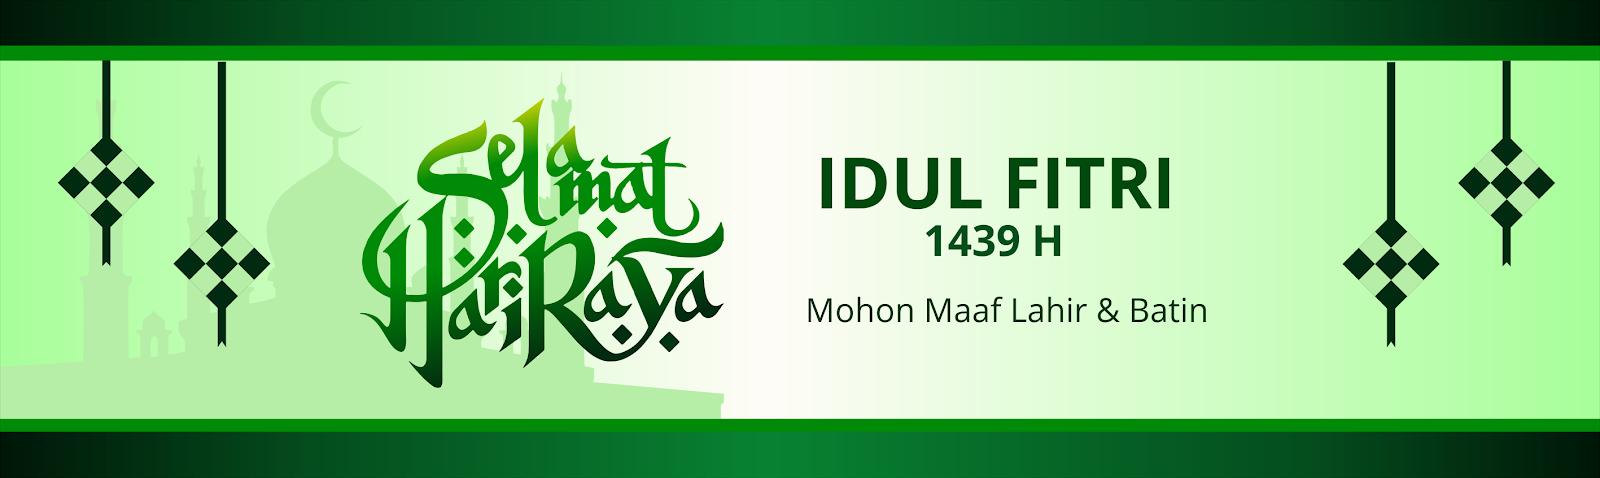 Download Desain Banner Lebaran Idul Fitri Tahun Masehi Format Cdr Free